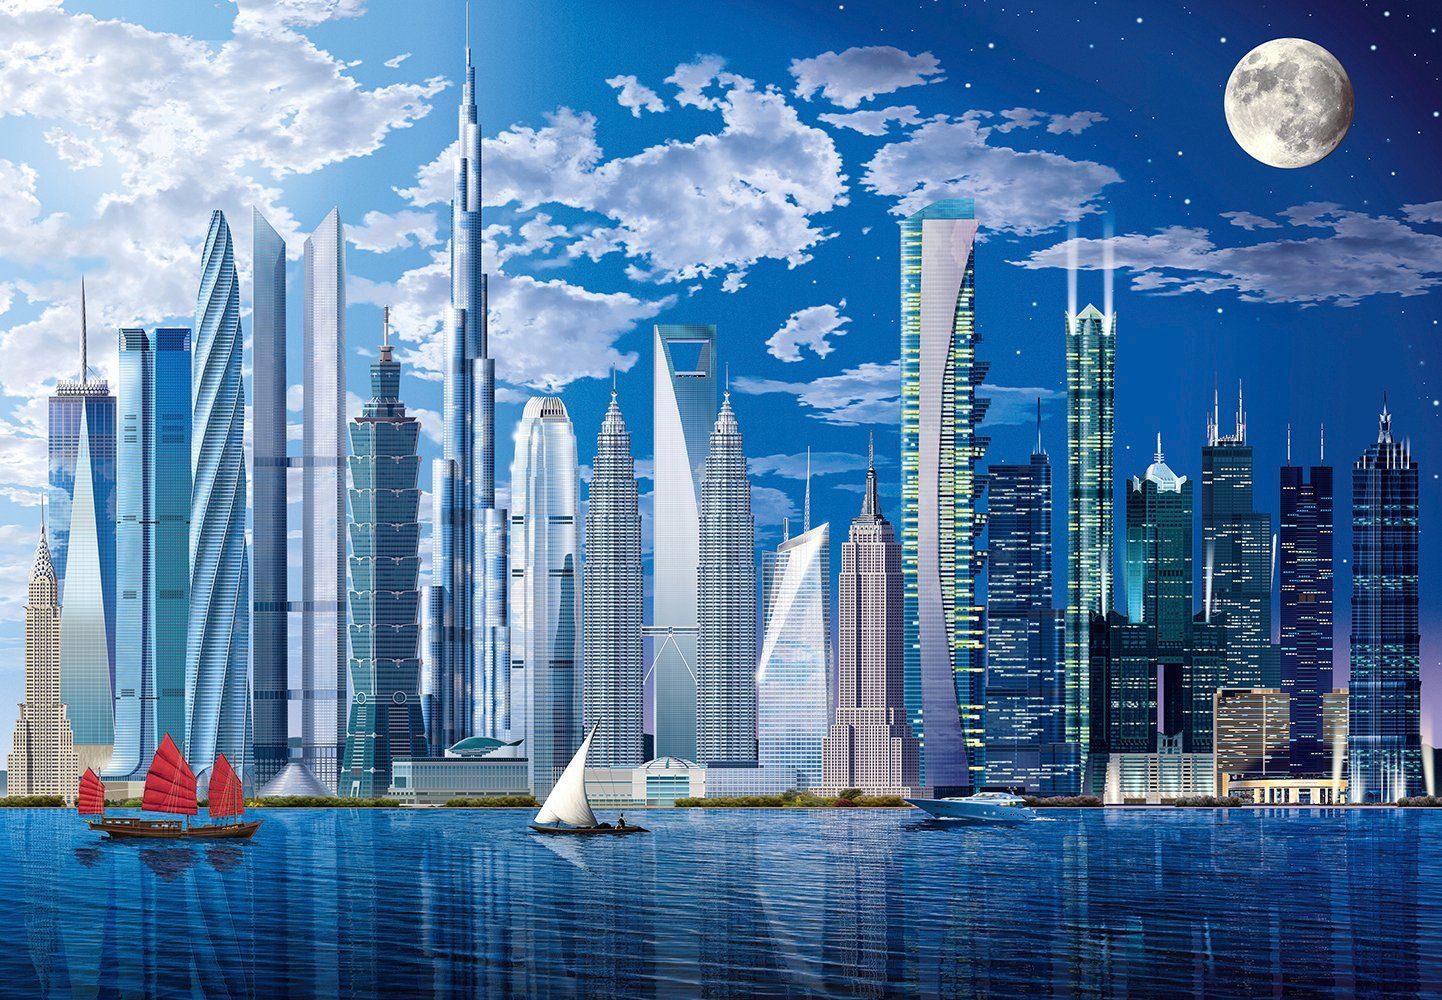 Fototapete »World´s Tallest Buildings«, 8-teilig, 366x254 cm